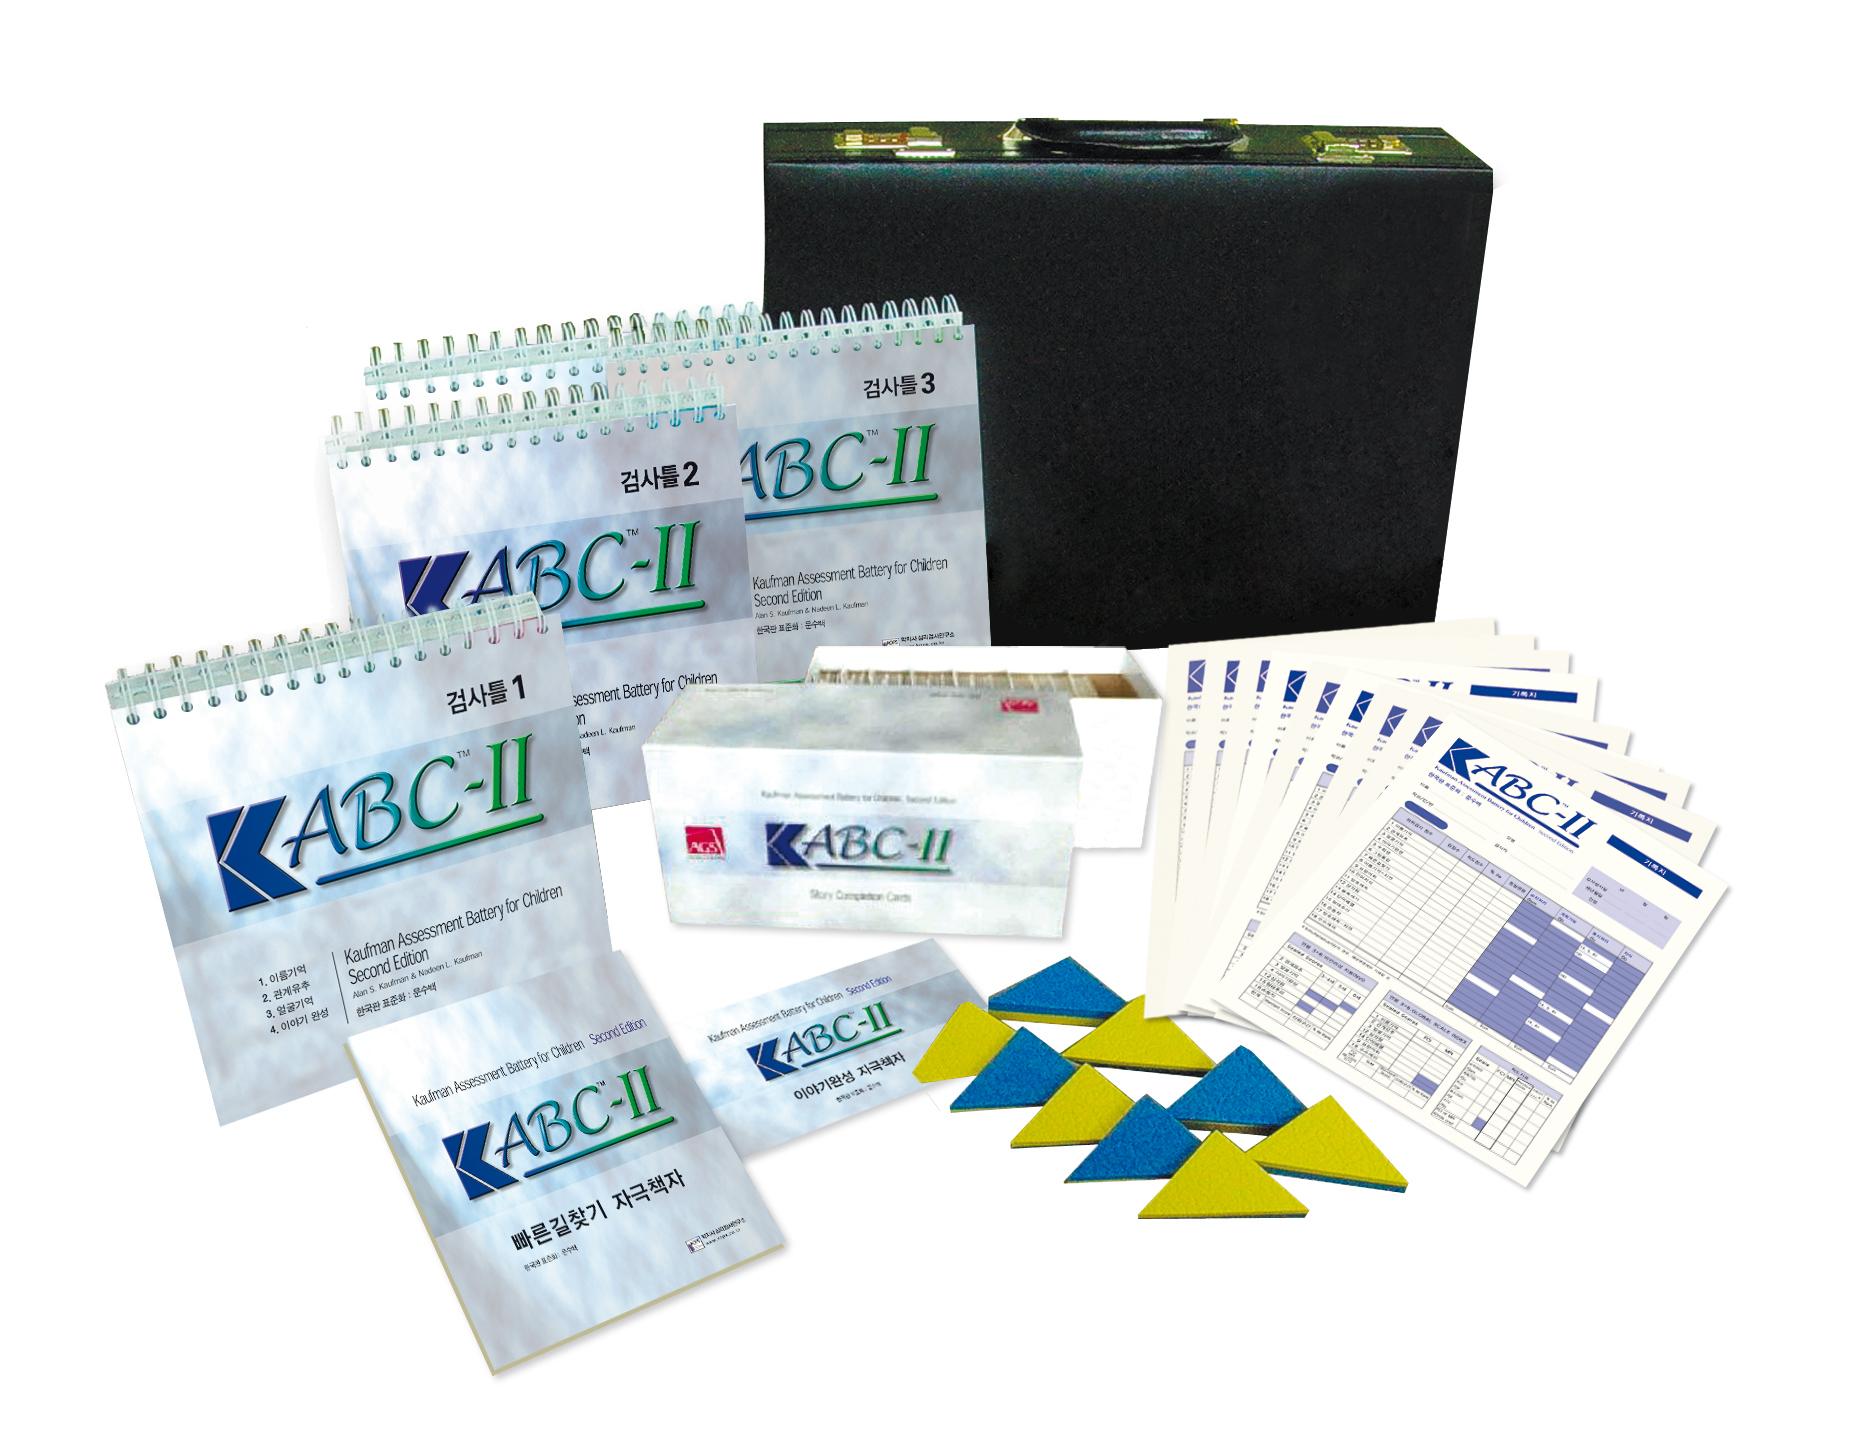 K-ABC-II (카우프만 아동용 지능검사 II)